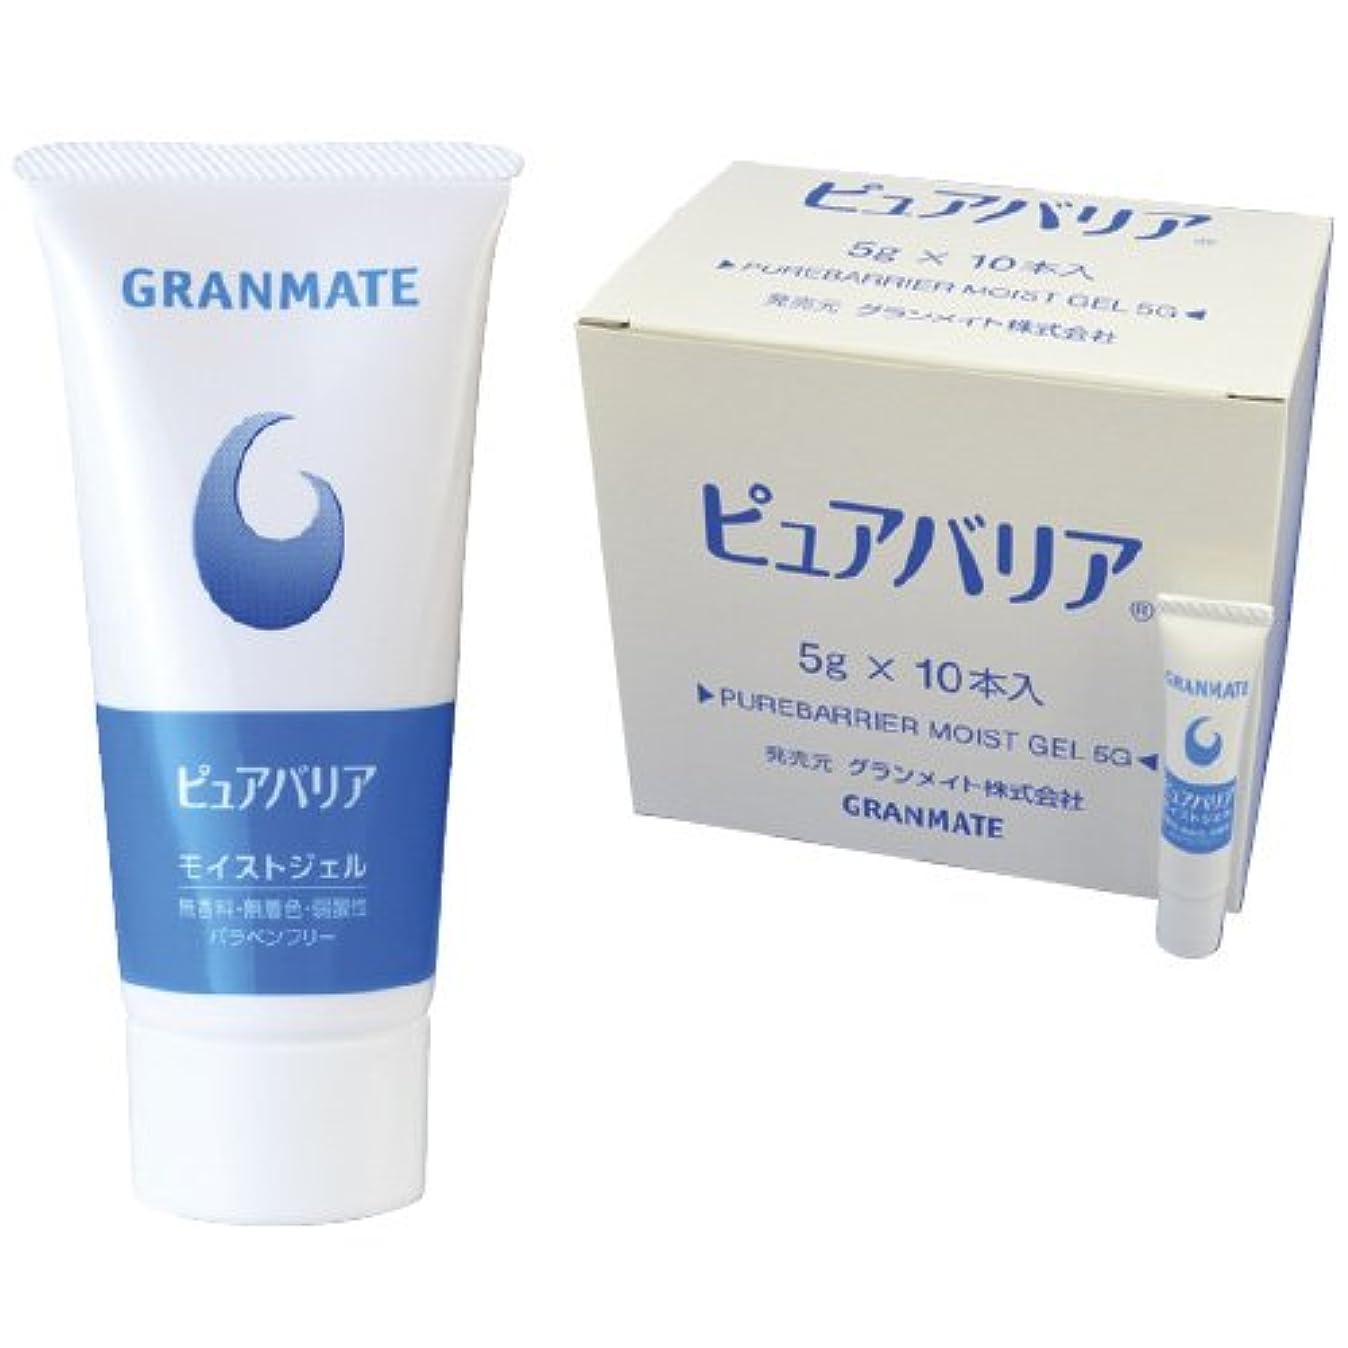 広告するチャーミング哲学的ピュアバリア(スキンケア肌保護ジェル 5GX10ホンイリ 皮膚保護用品 スキンケアローション